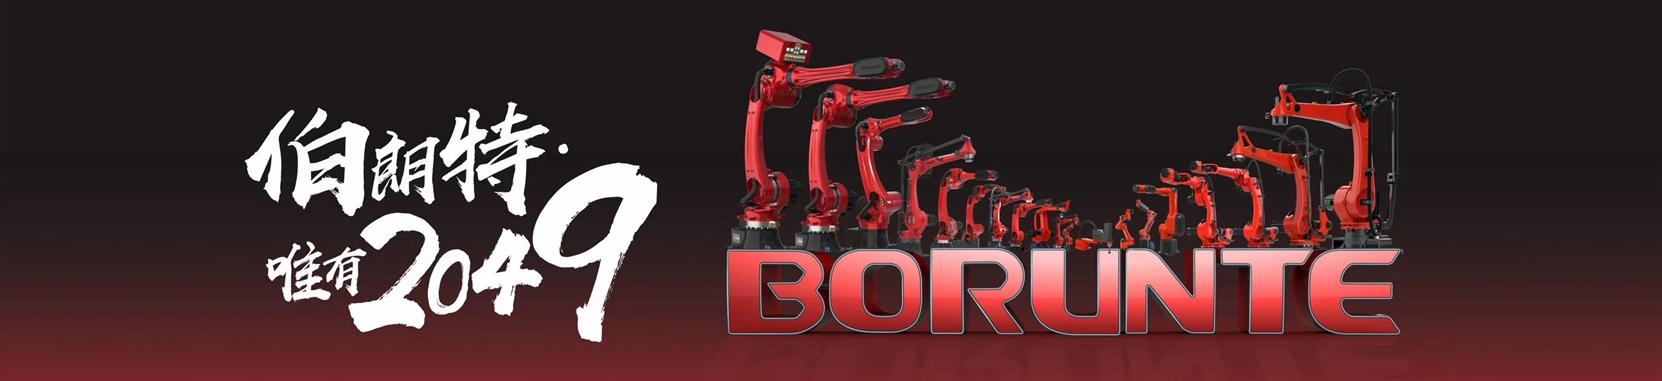 伯朗特机器人